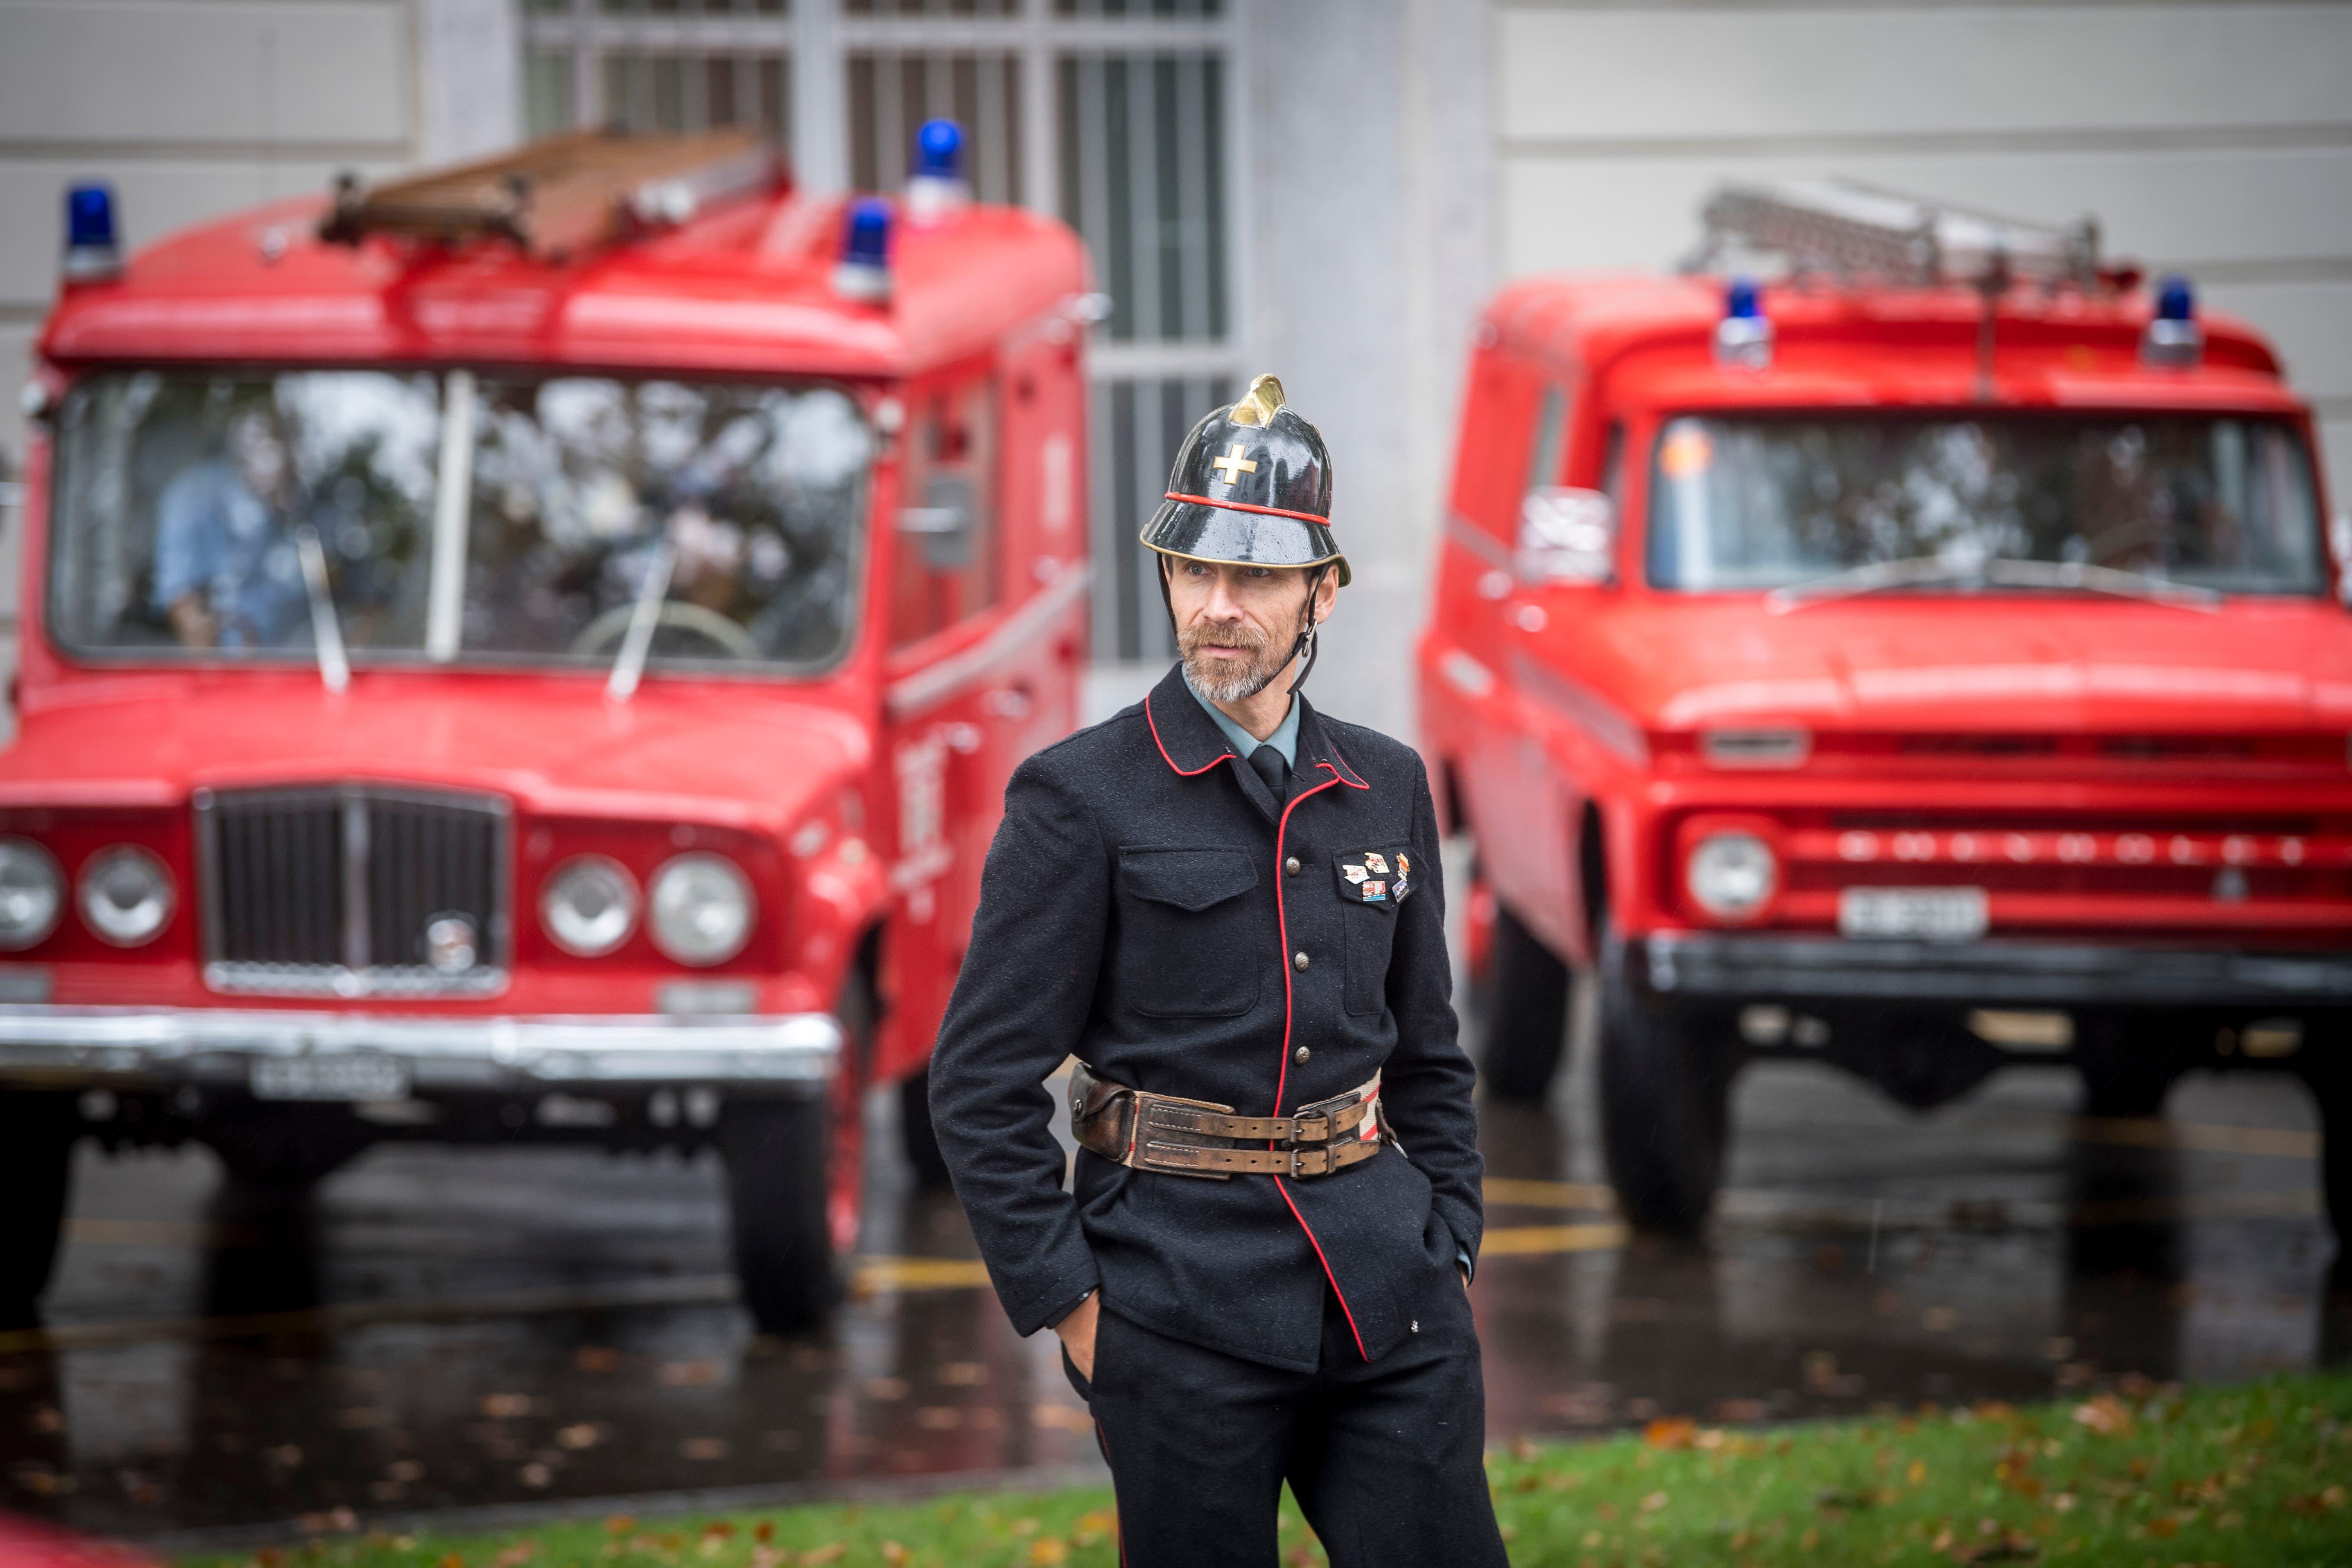 Ein Teilnehmer am Feuerwehr-Oldtimer-Treffen in einer alten Feuerwehruniform, die zu seinem Fahrzeug passt. (Bild: Urs Bucher - 1. September 2018)